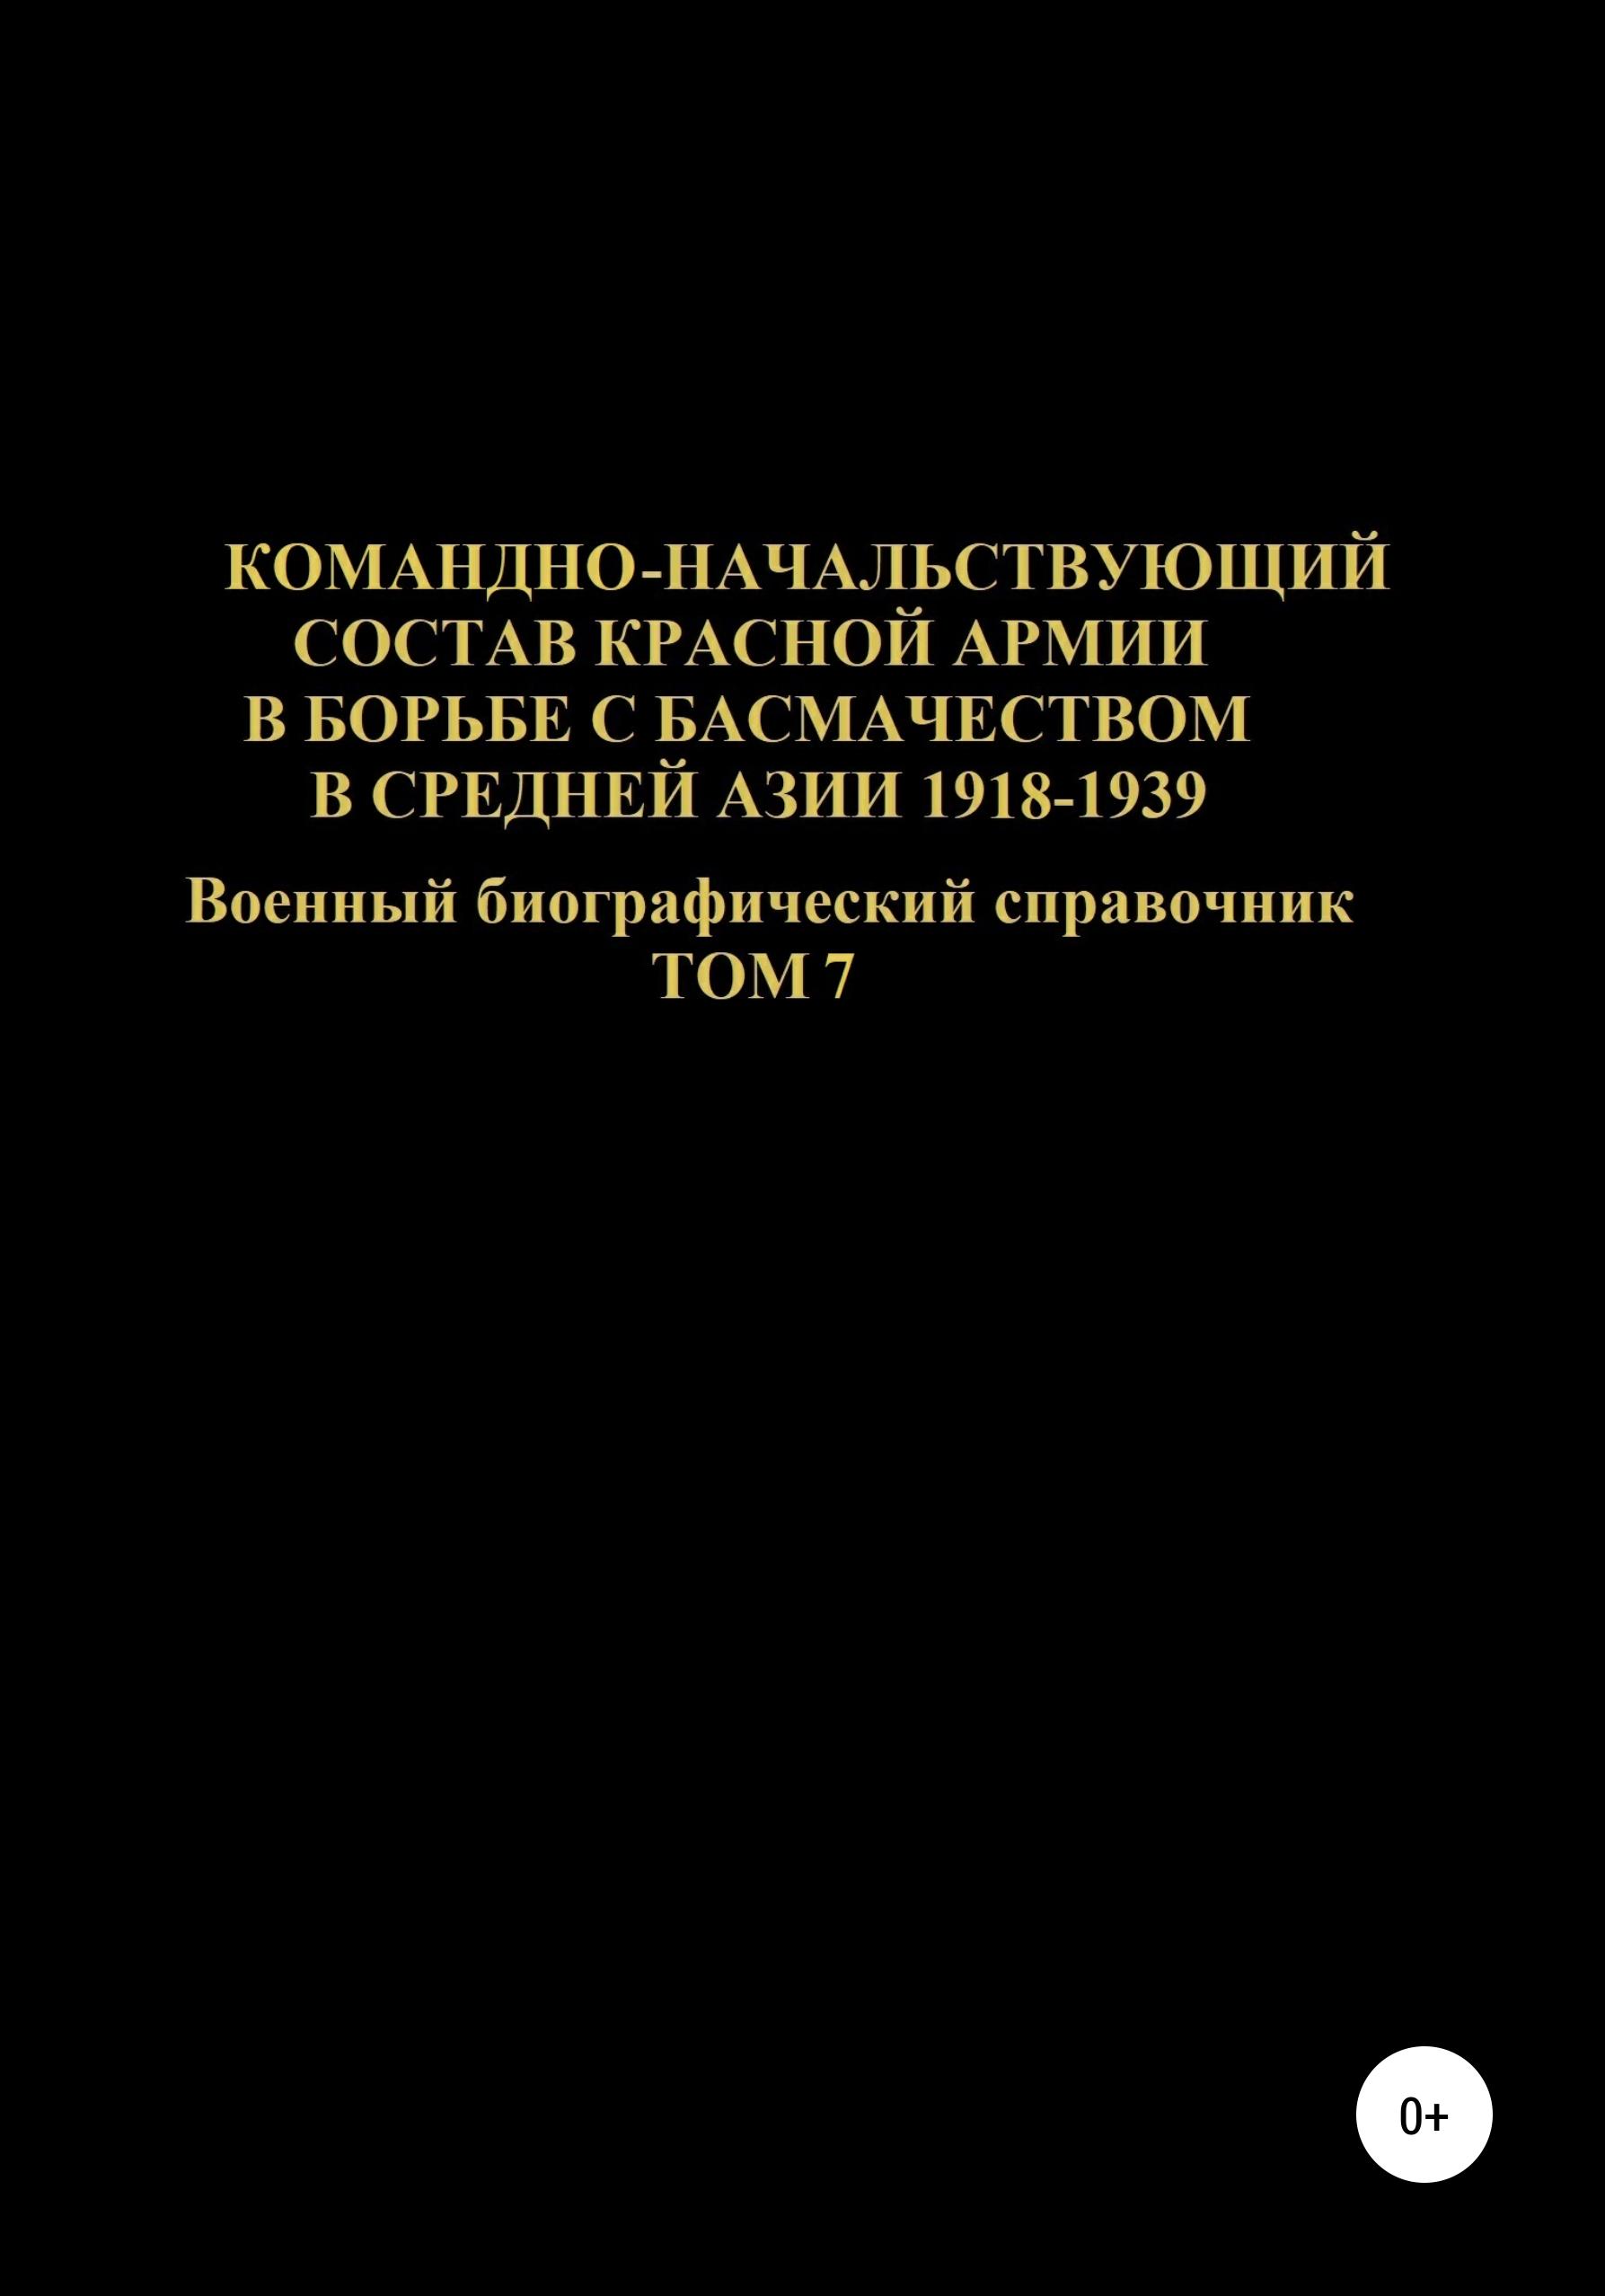 Командно-начальствующий состав Красной Армии в борьбе с басмачеством в Средней Азии в 1918-1939 гг. Том 7